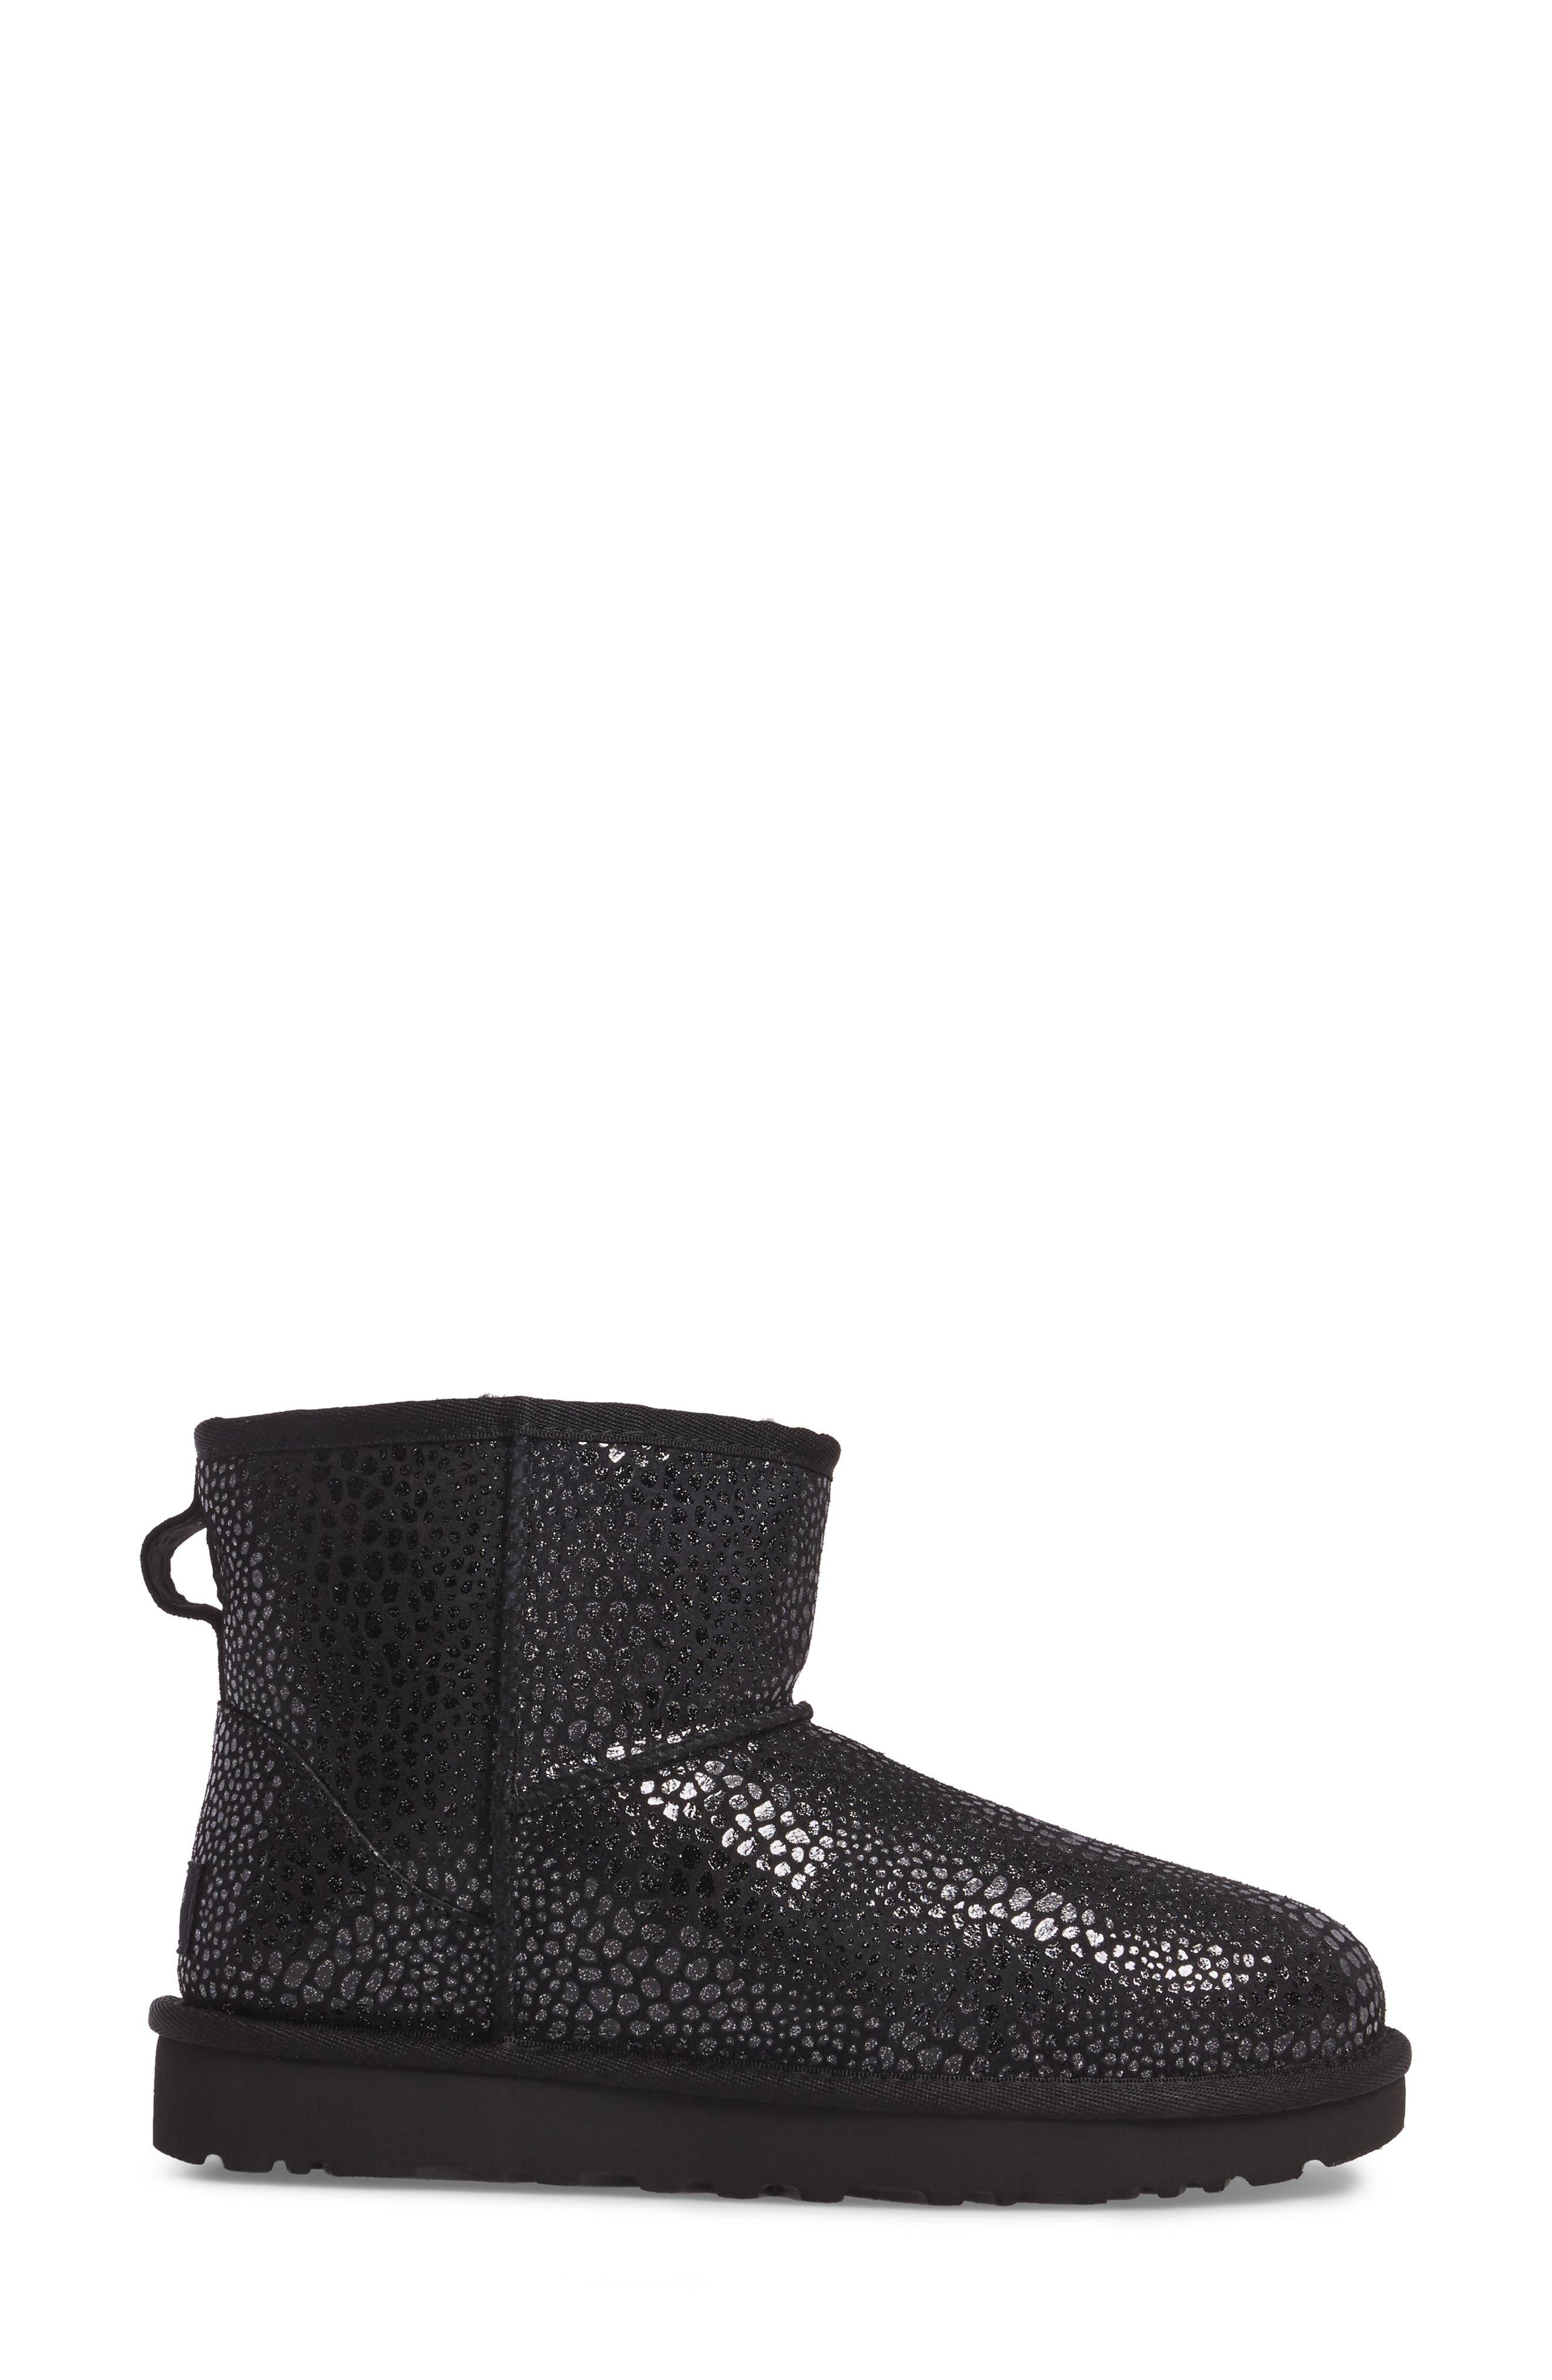 Alternate Image 3  - UGG® Mini Glitzy Boot (Women)